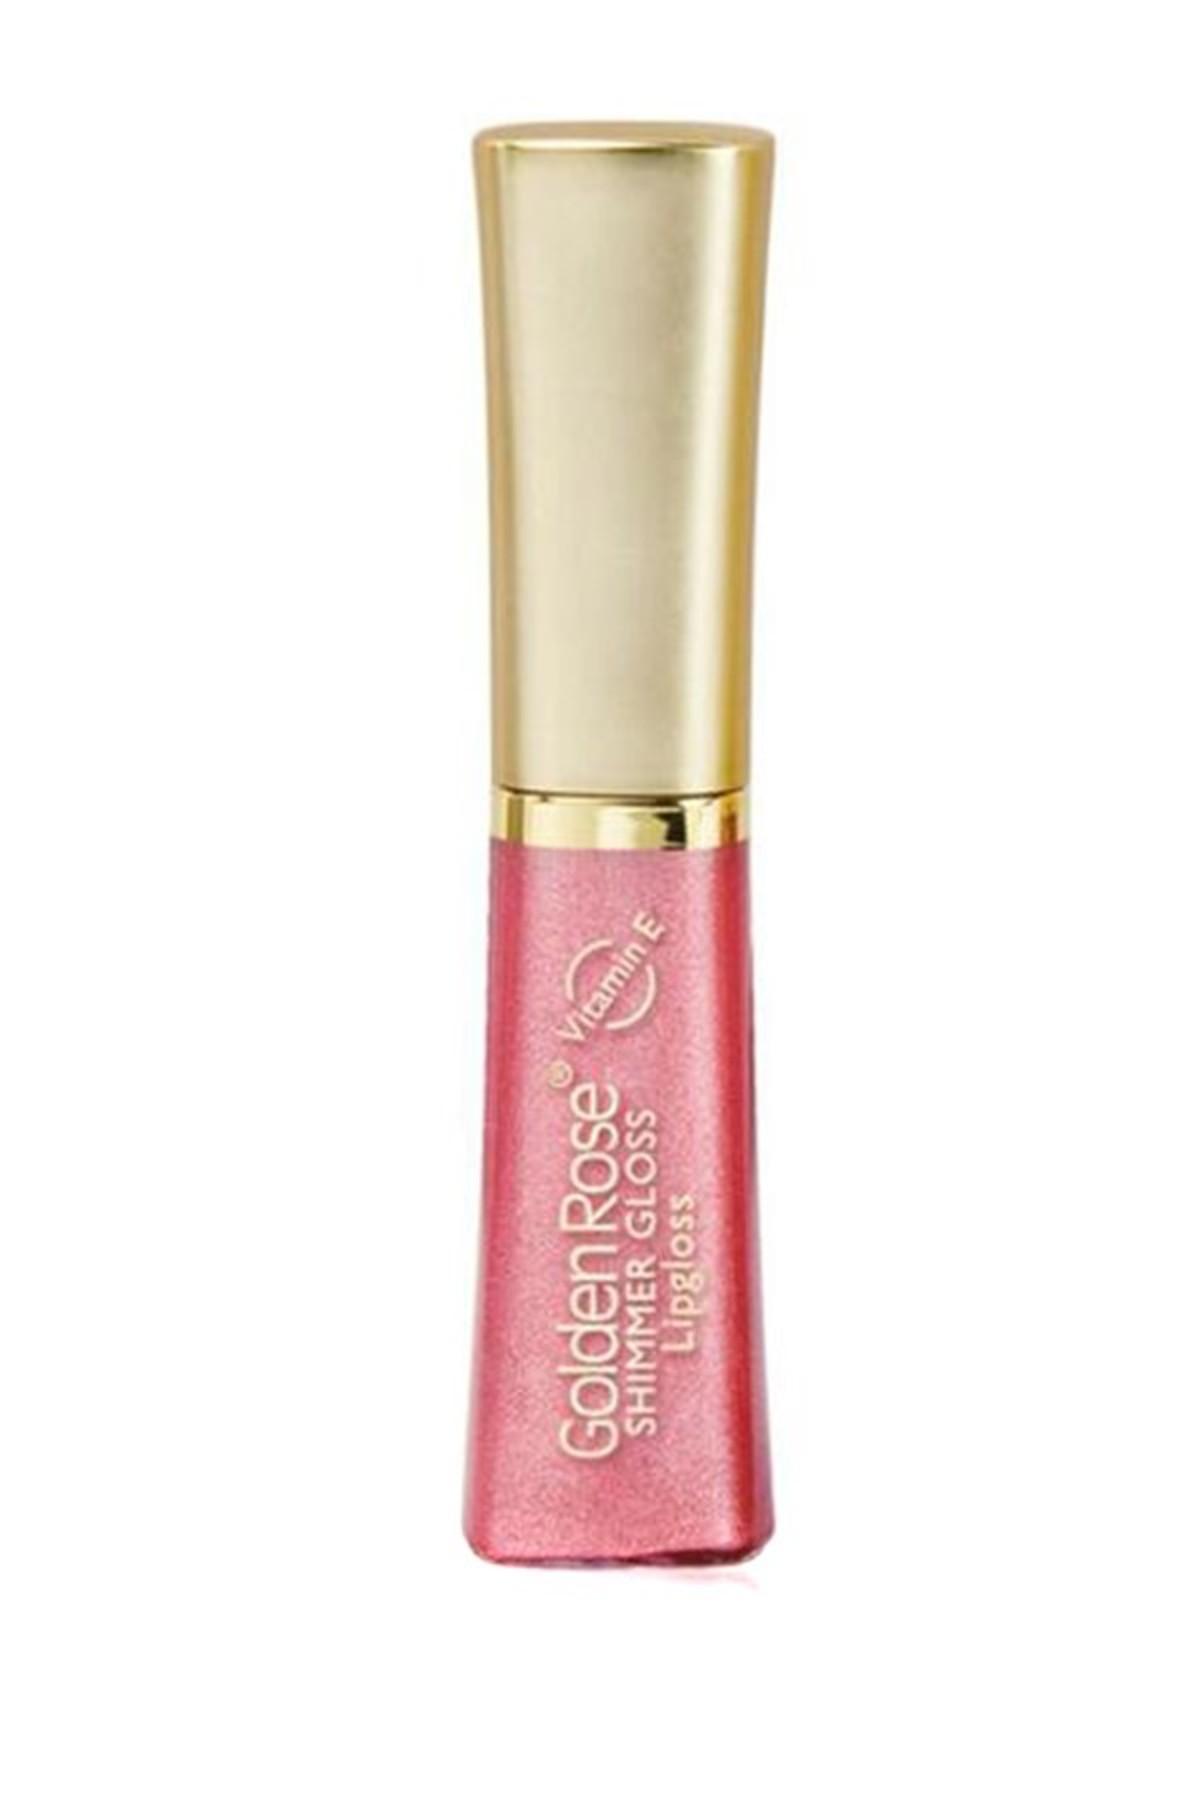 Golden Rose Dudak Parlatıcısı - Shimmer Lipgloss No : 52 8691190332525 1